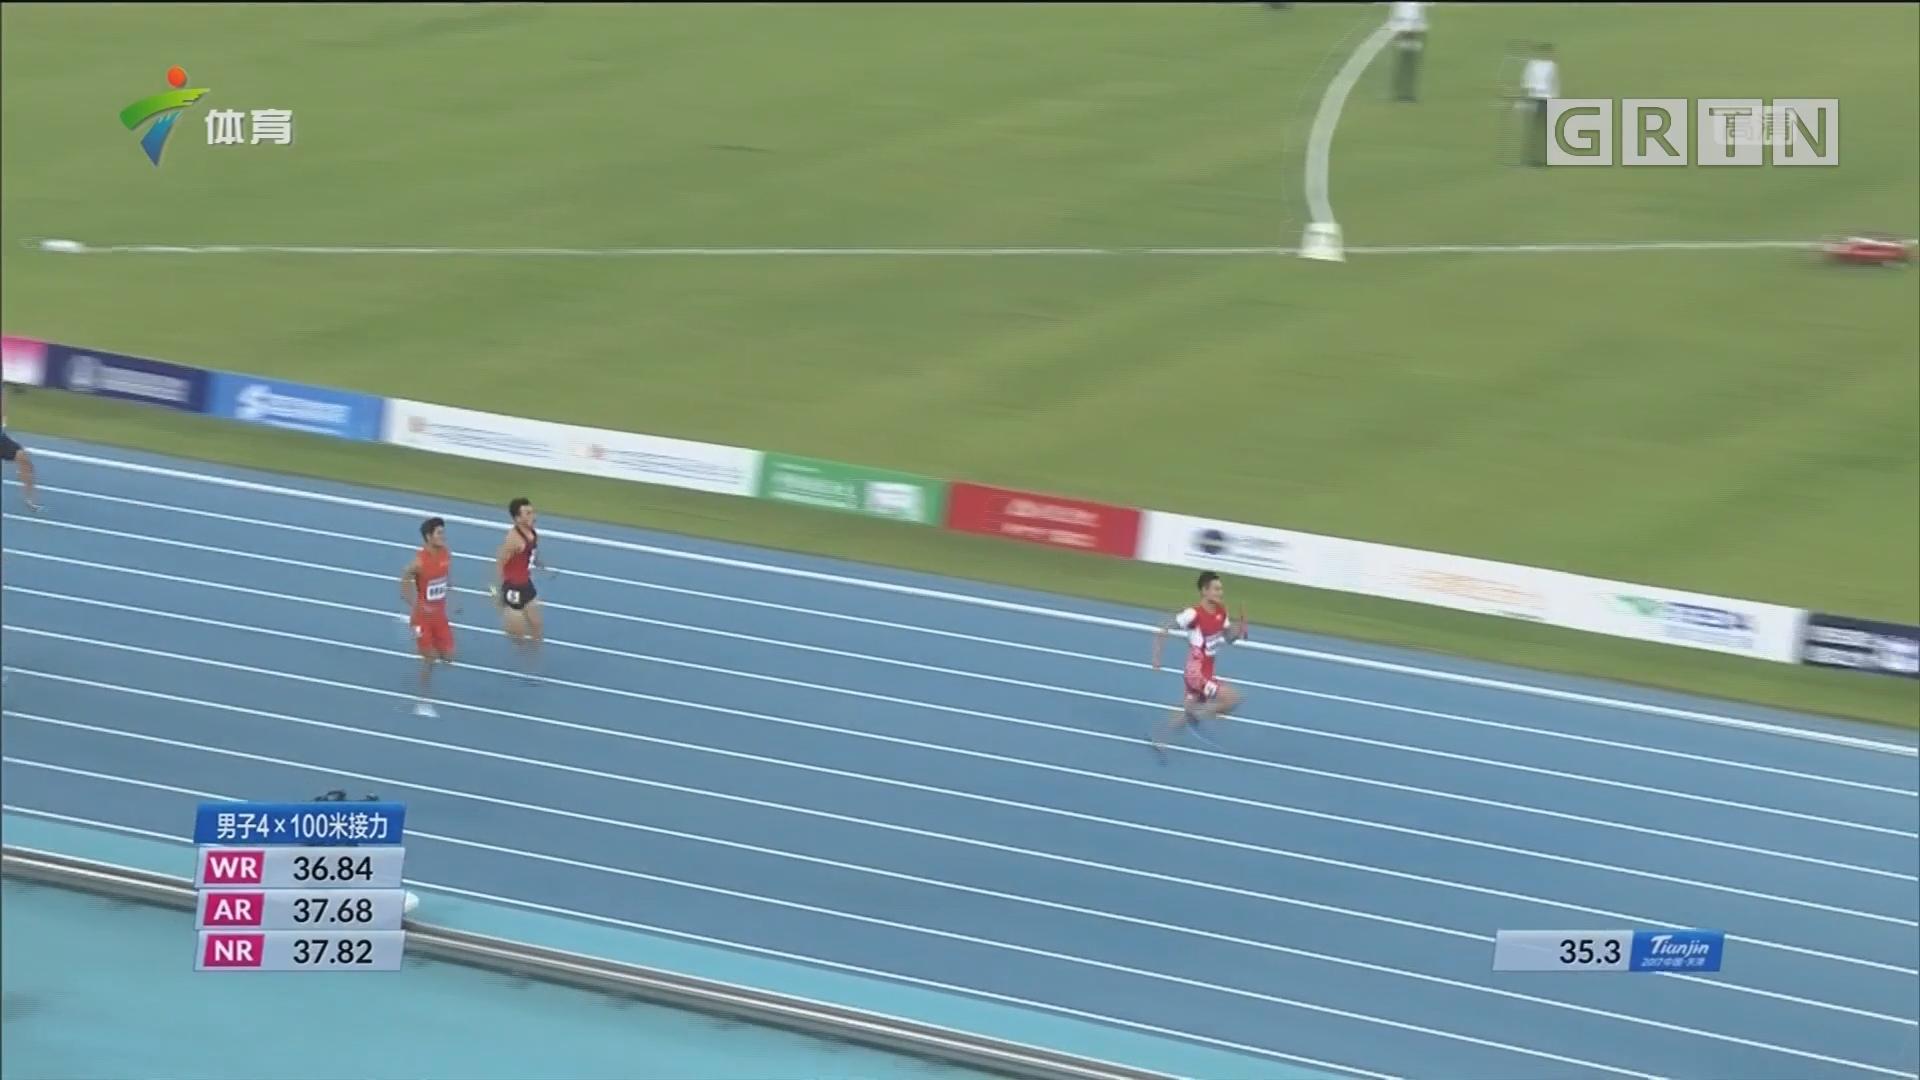 全运田径 苏炳添领衔4X100接力夺冠